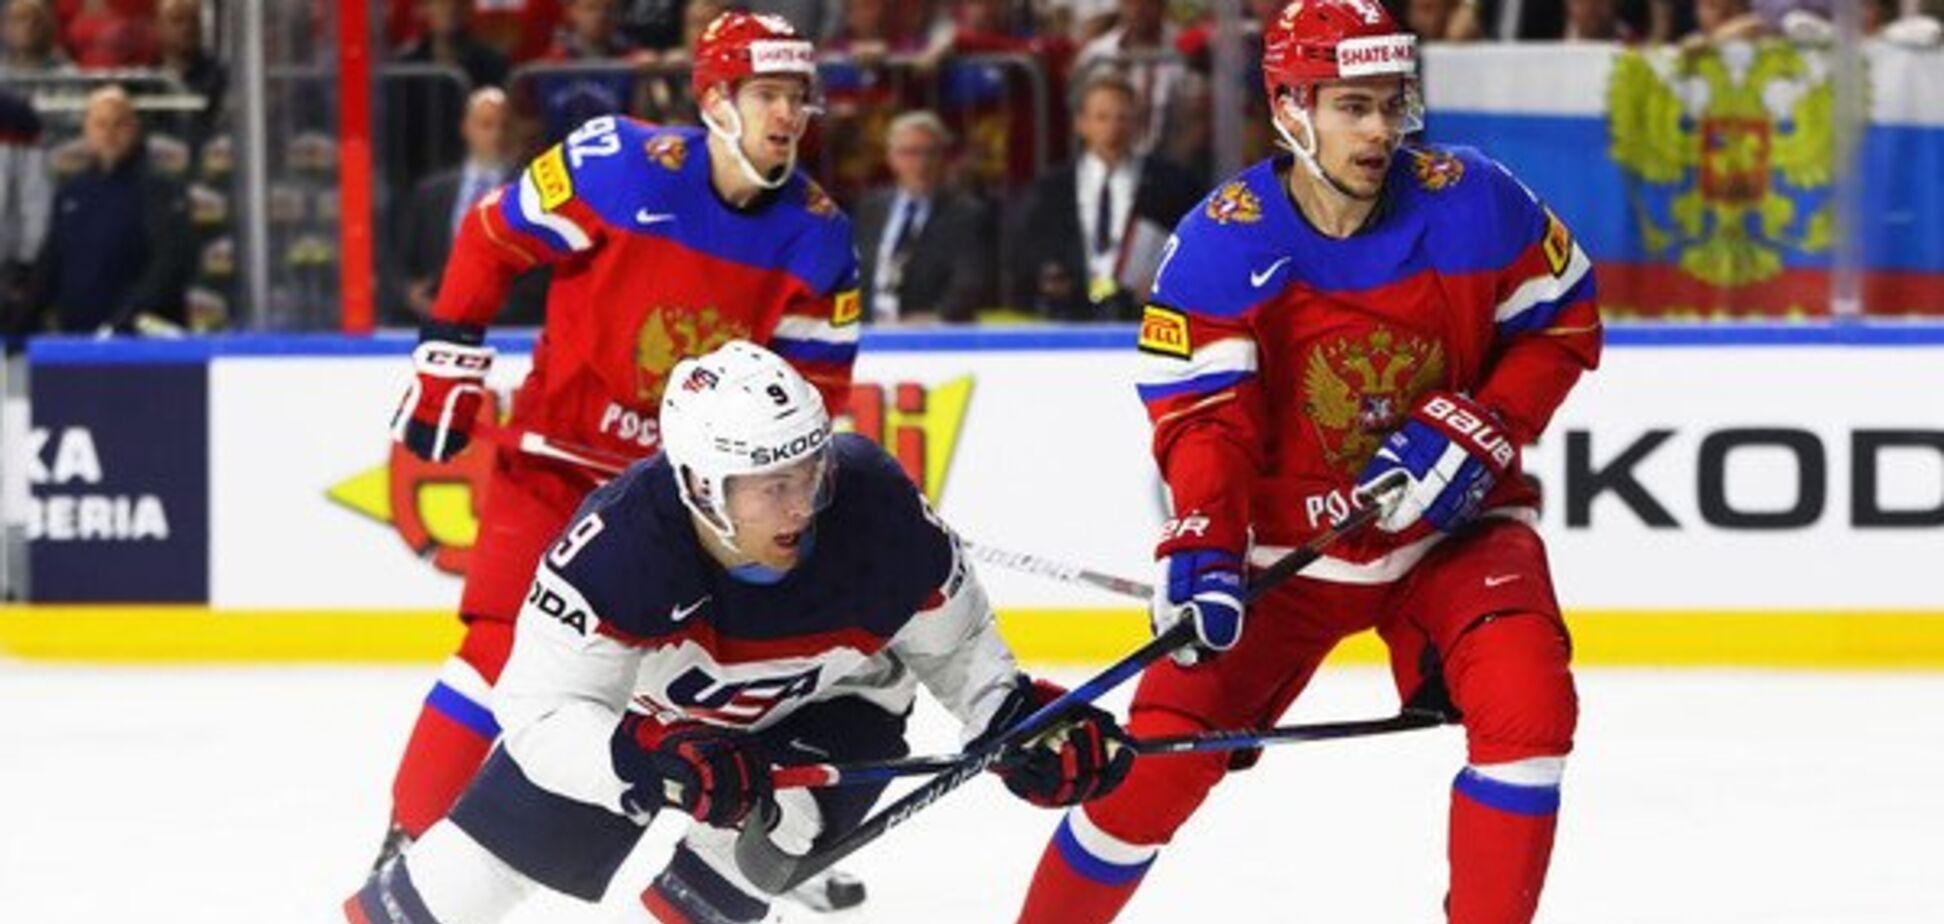 Де дивитися онлайн хокей Росія — США: розклад трансляцій чемпіонату світу